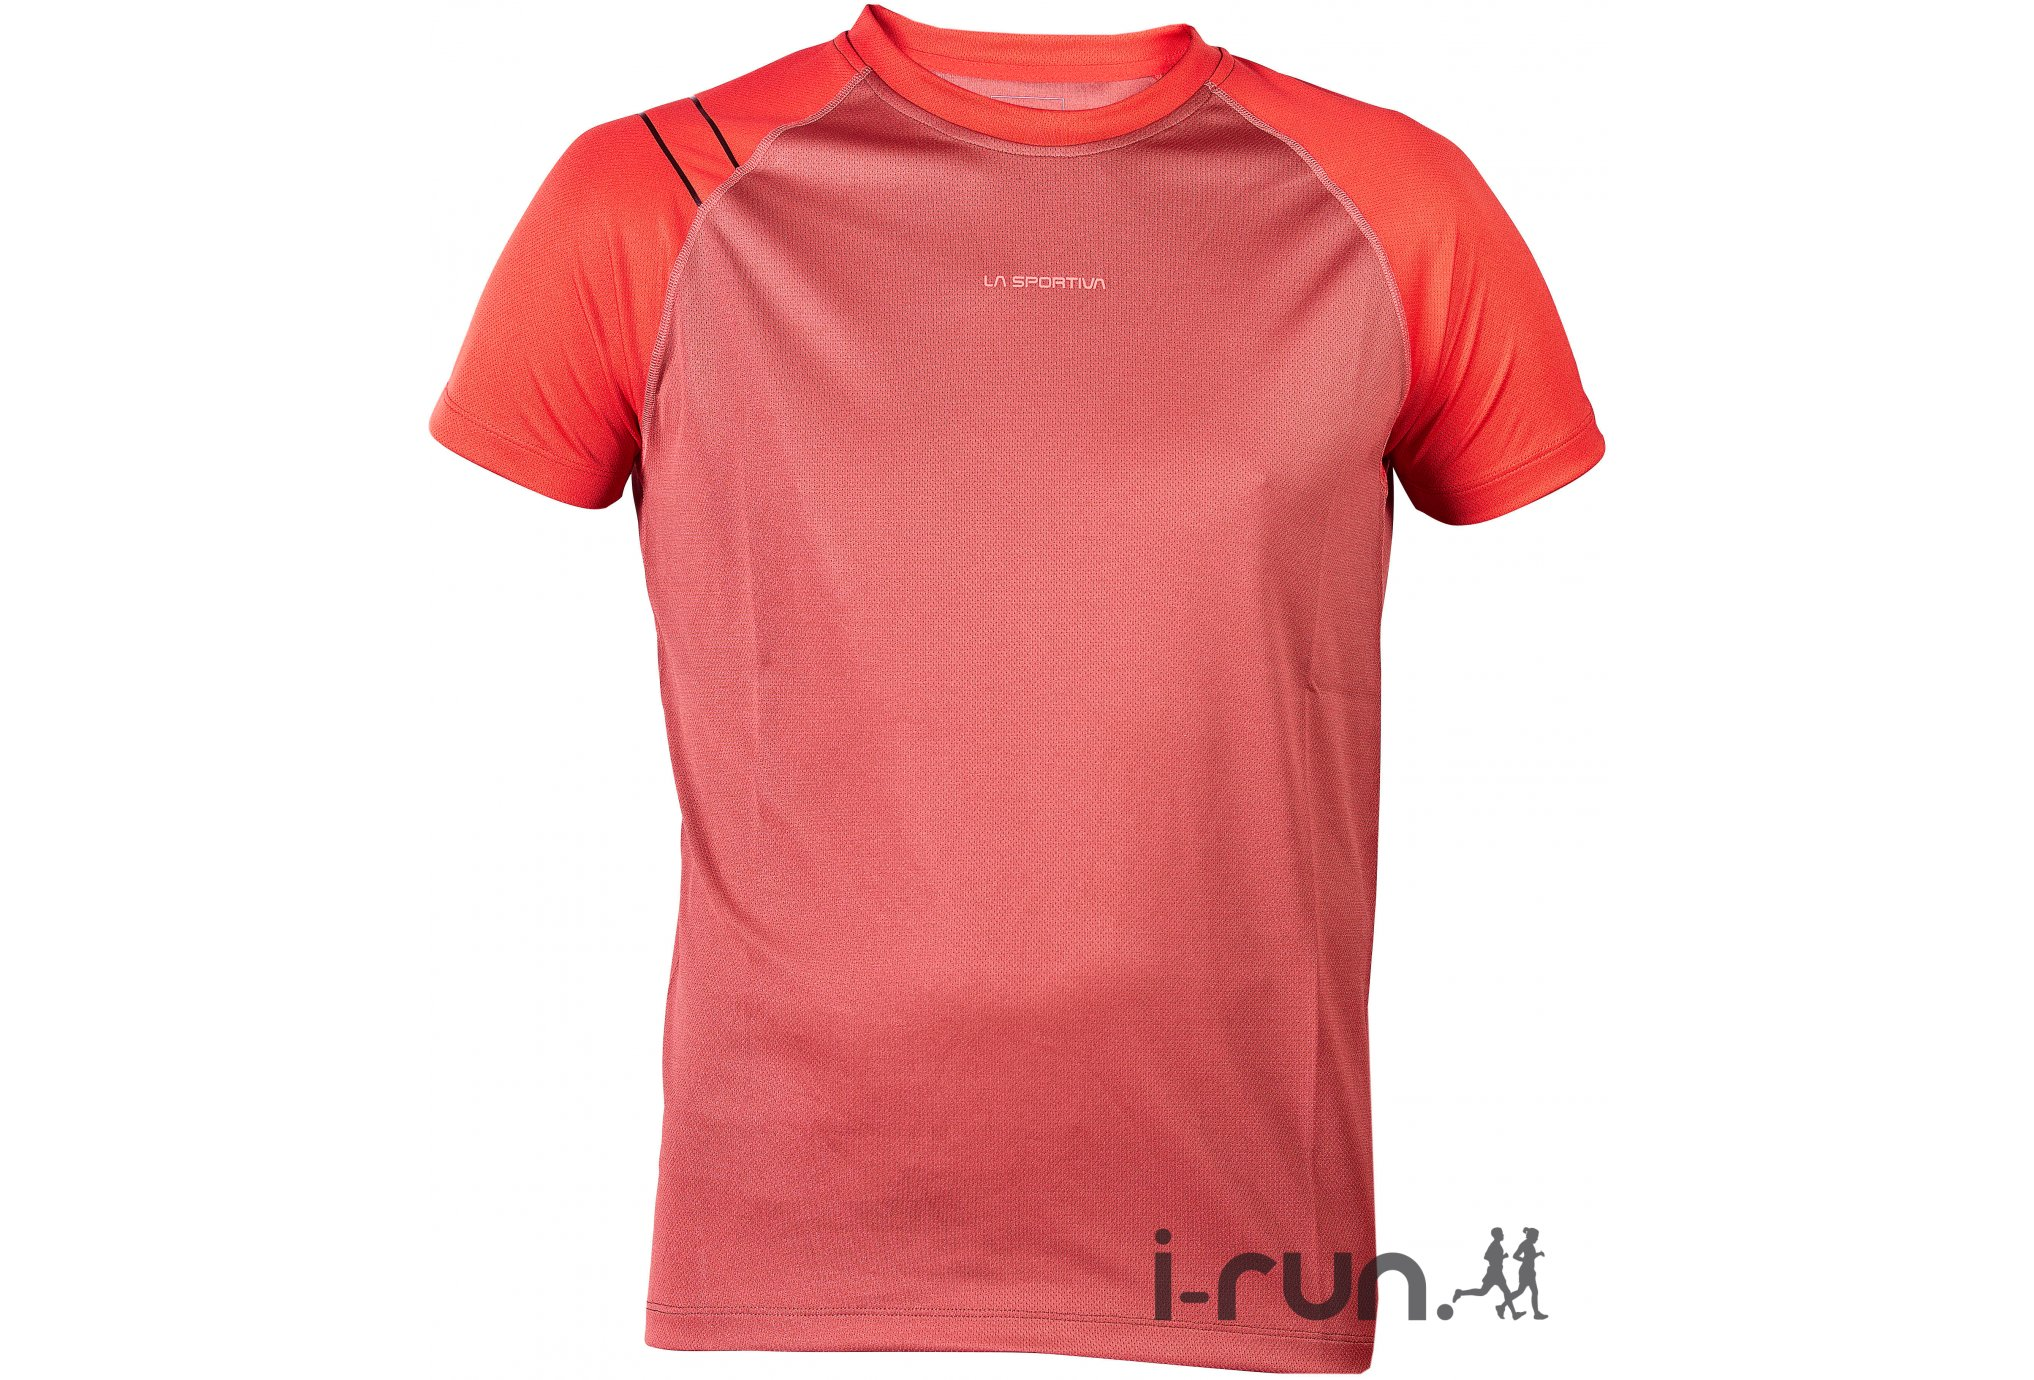 La Sportiva Tee-shirt Peak M Diététique Vêtements homme